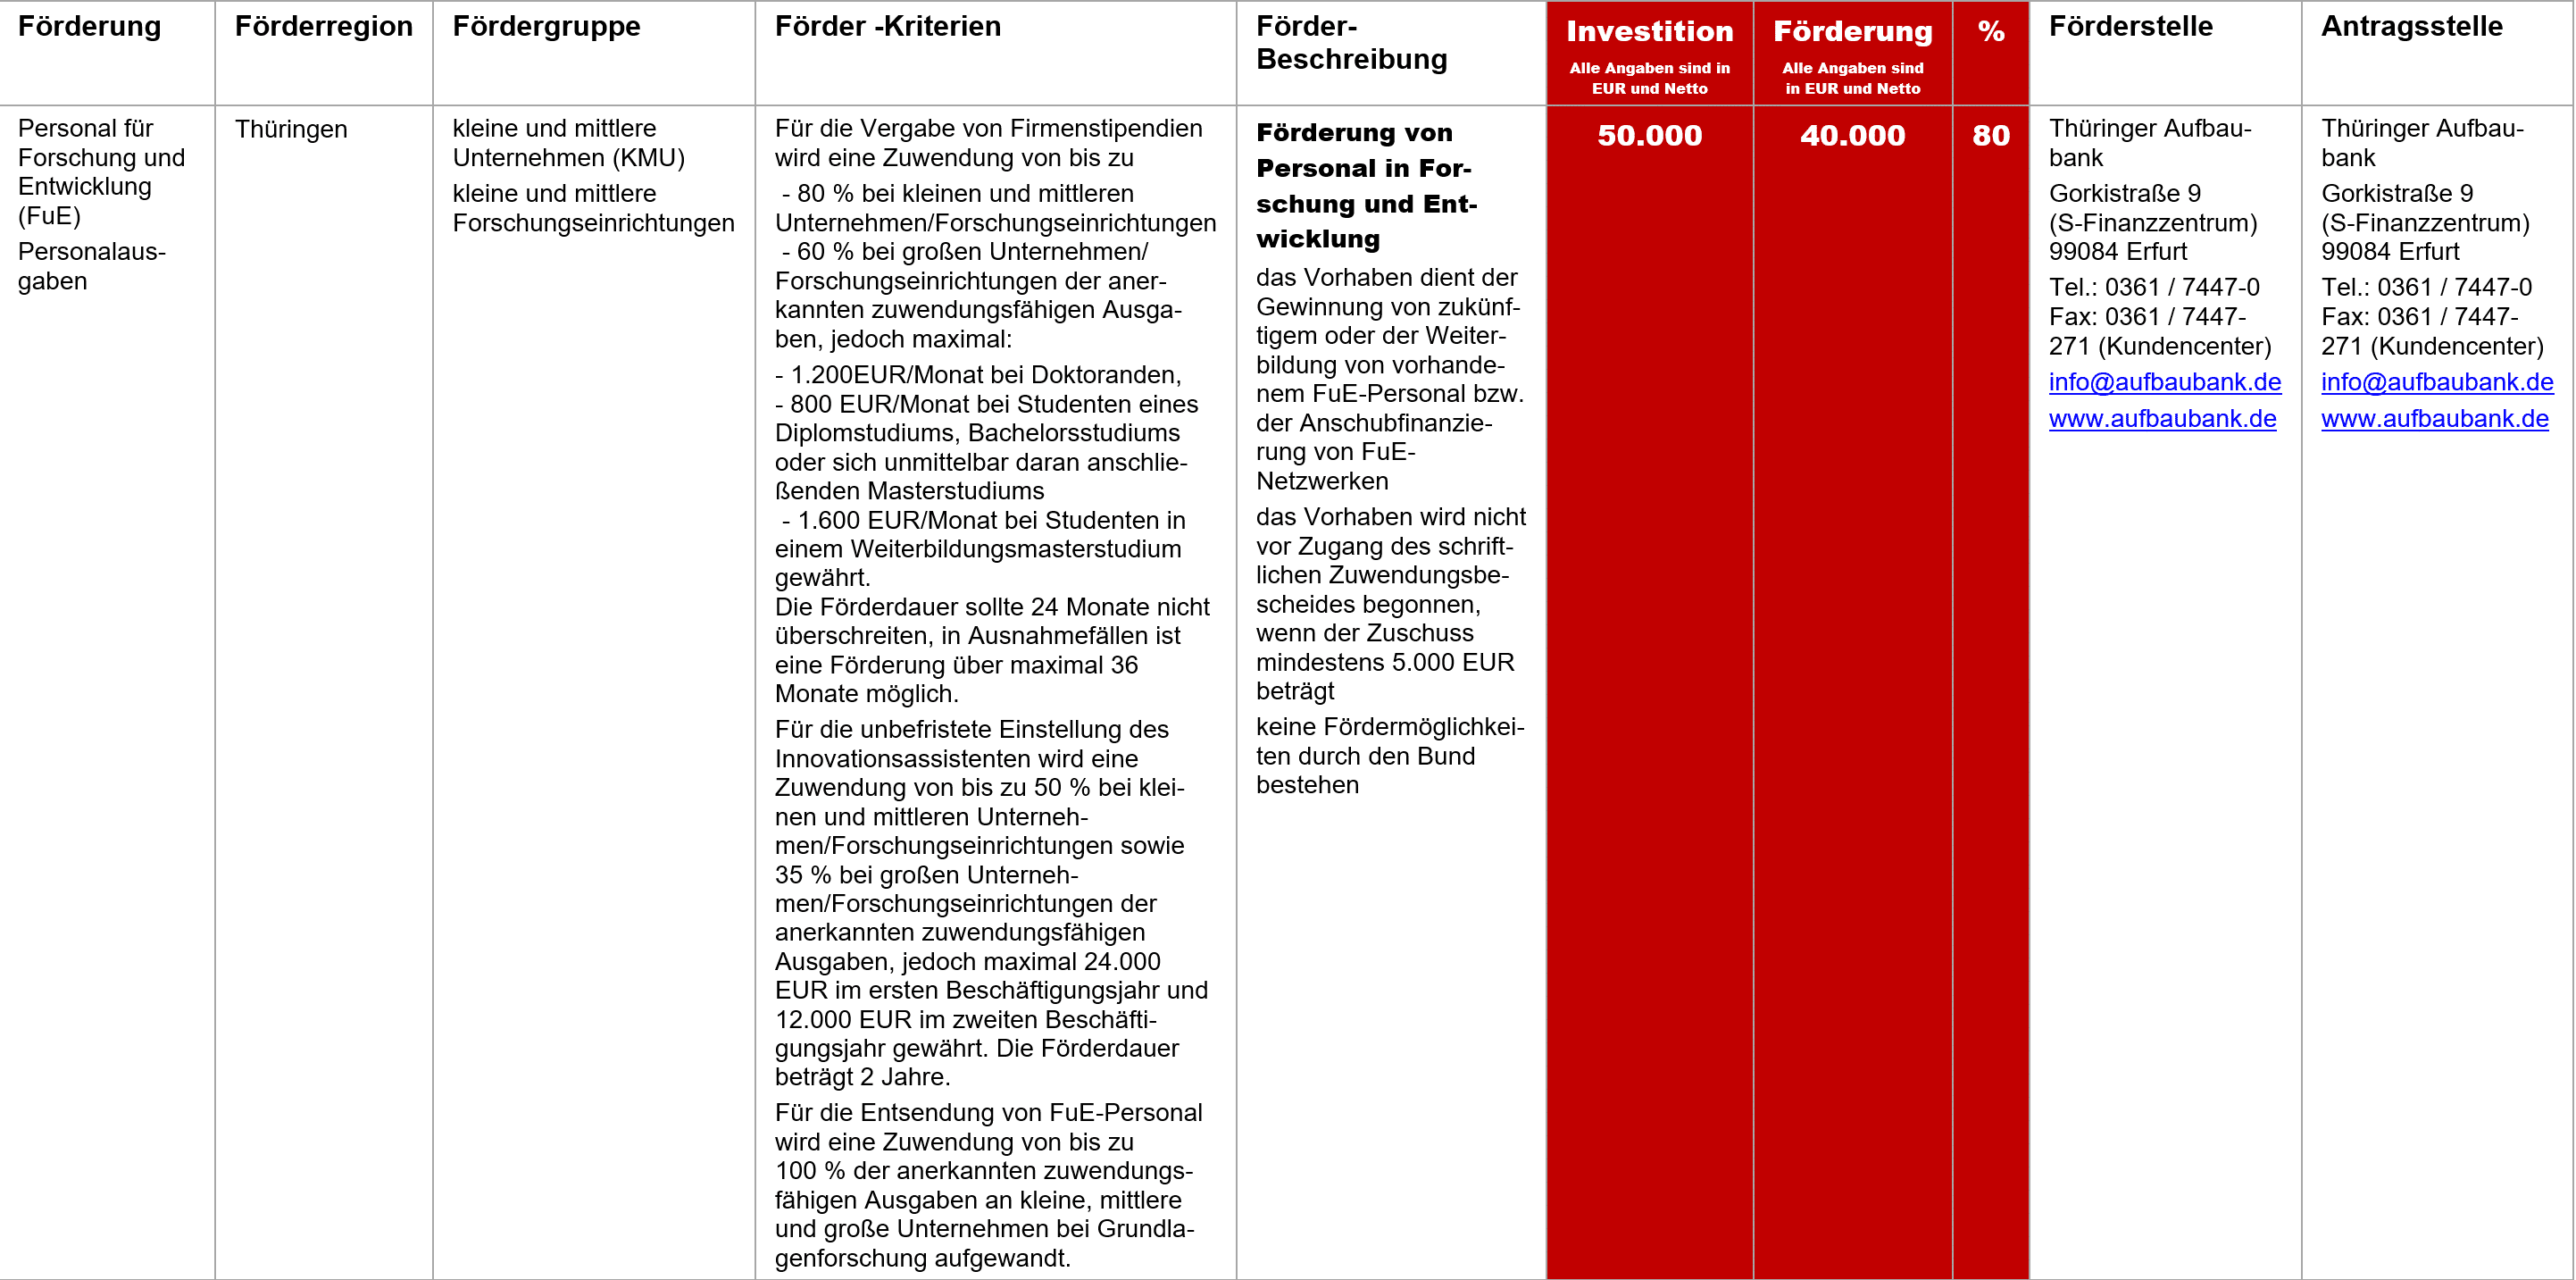 Förderung Personal Forschung und Entwicklung, Fördermittel – Förderung von Personal in Forschung und Entwicklung